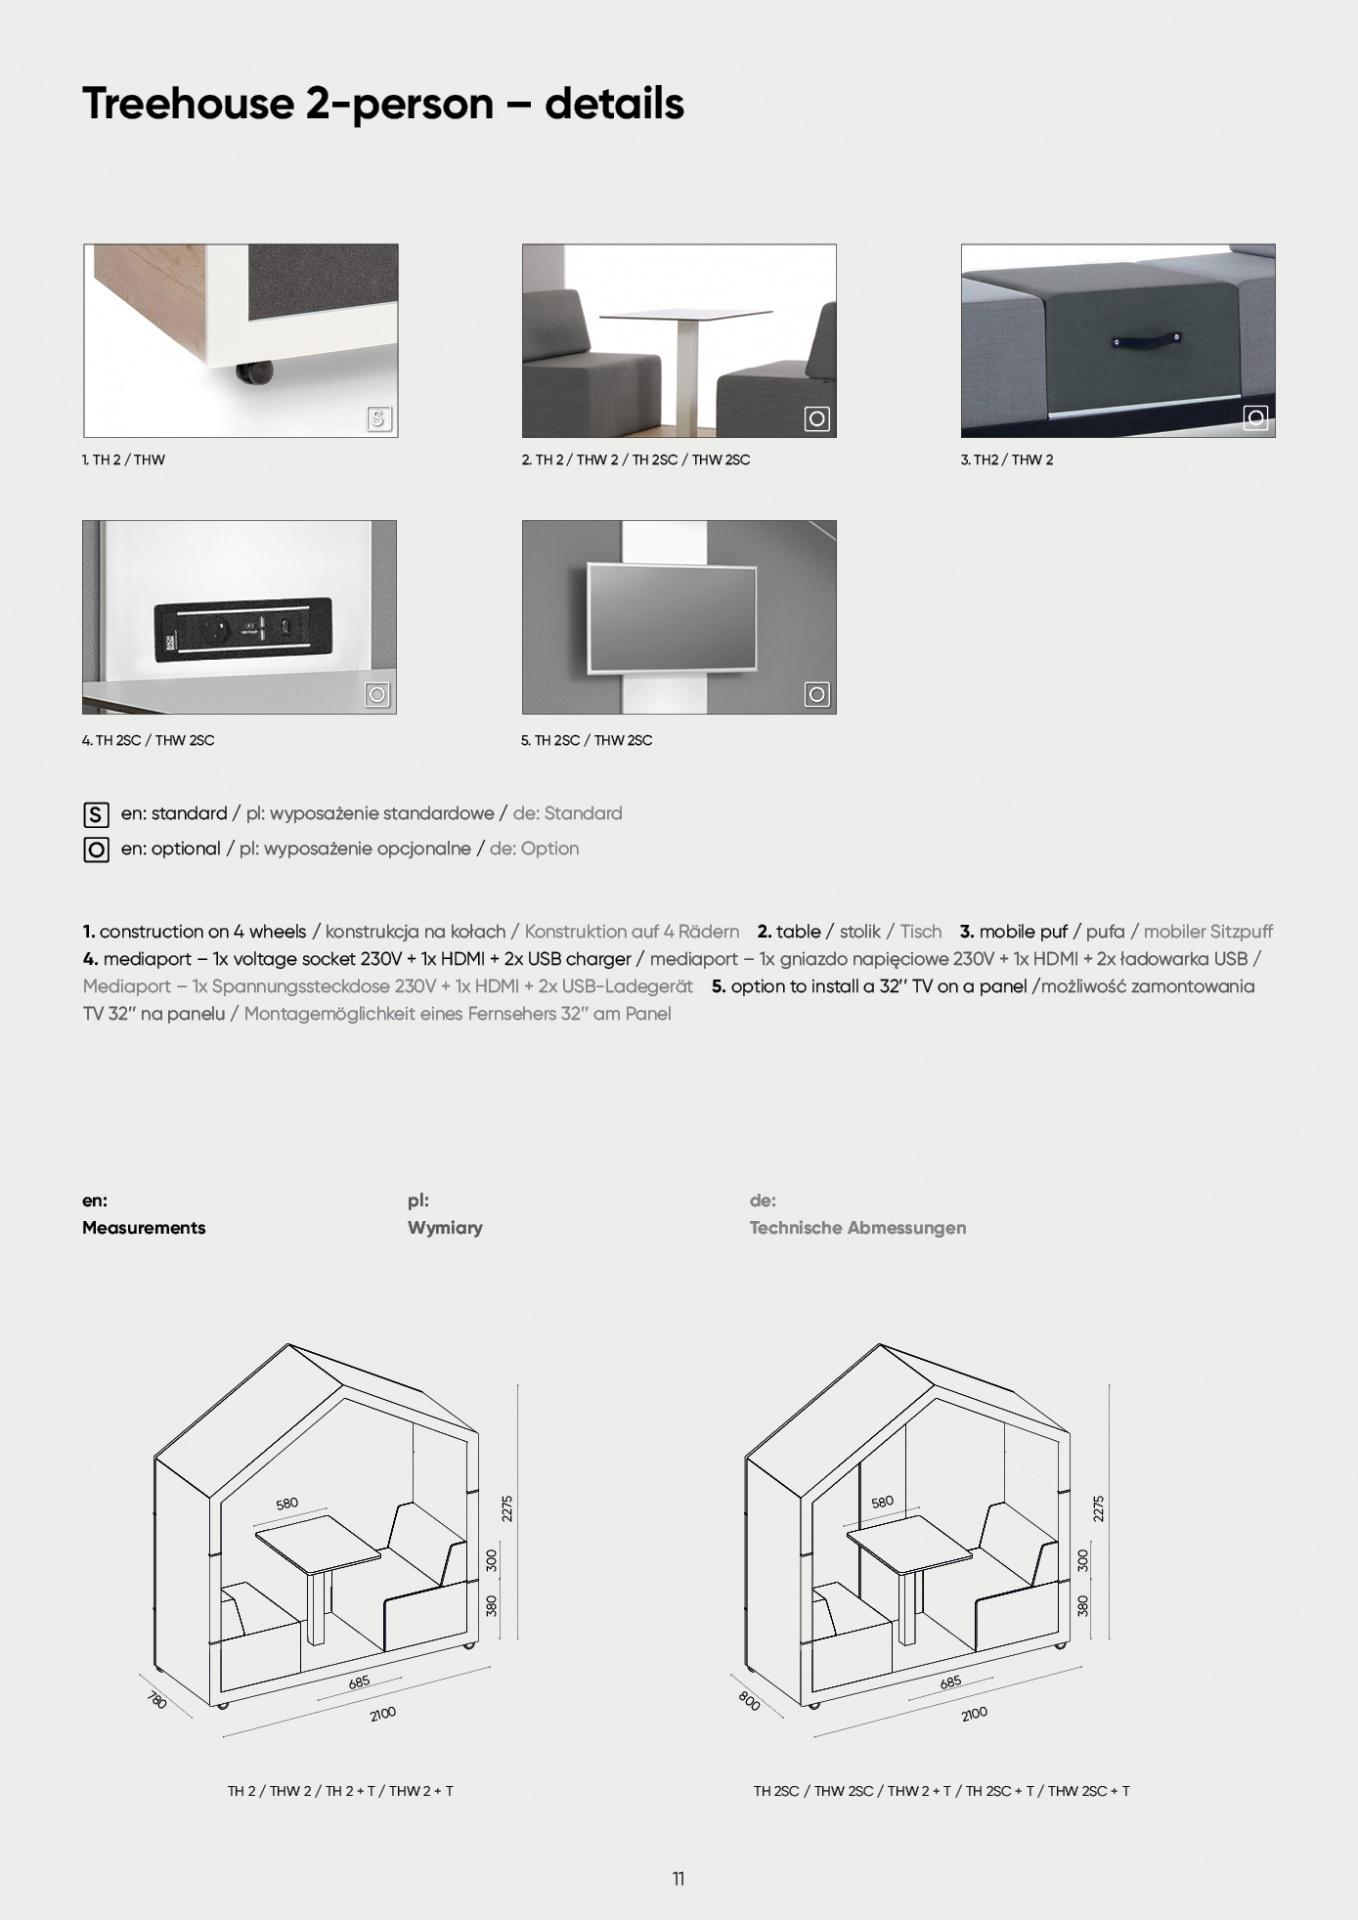 treehouse-catalogue-v2-11.jpg